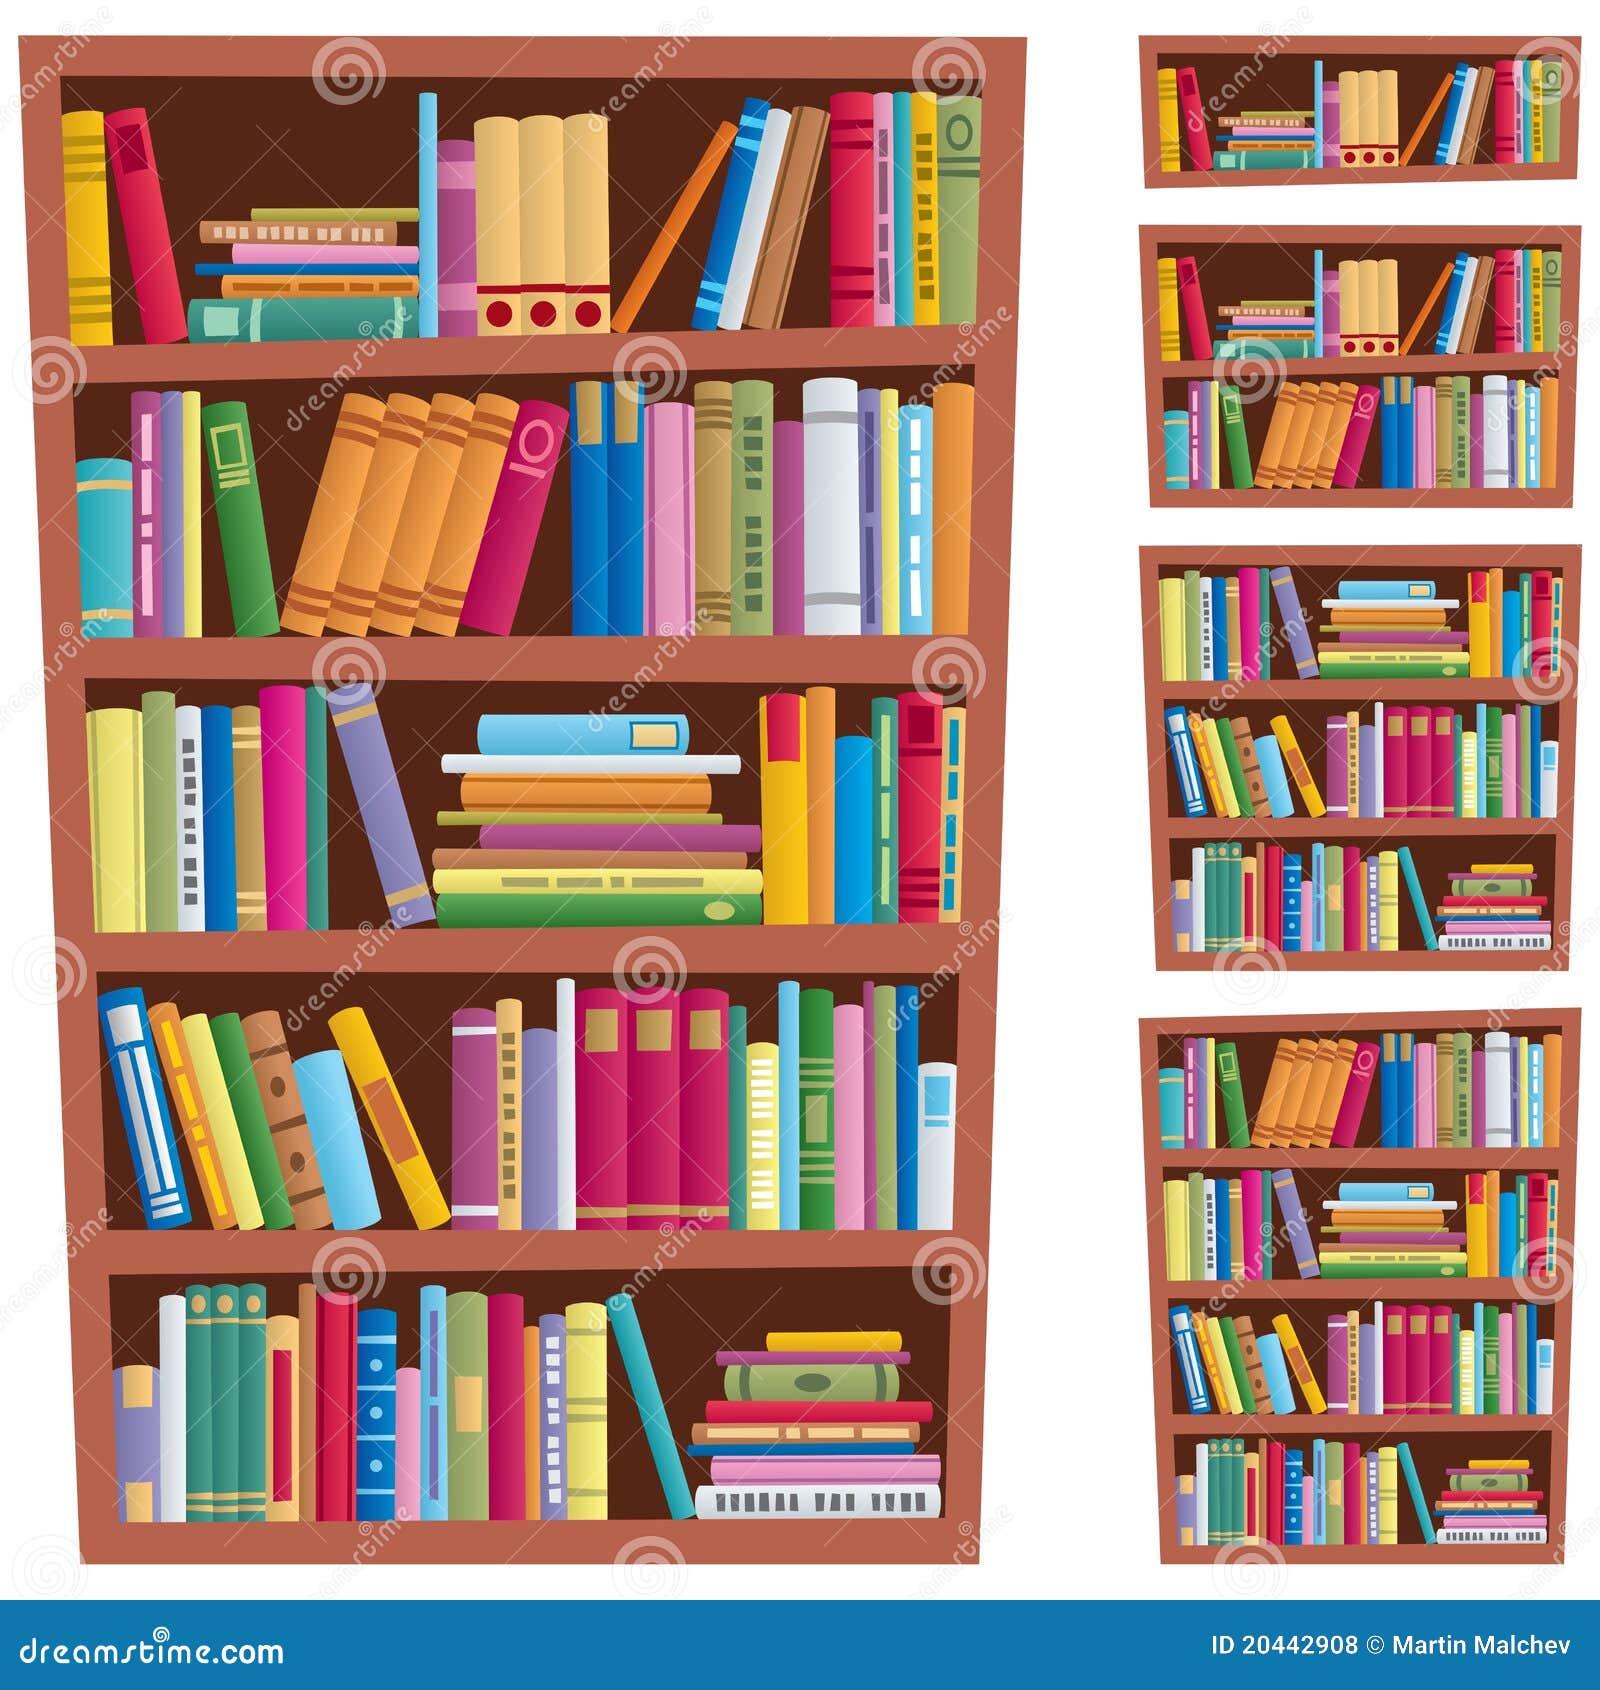 Bookshop books фотографии, картинки, изображения и сток-фото.